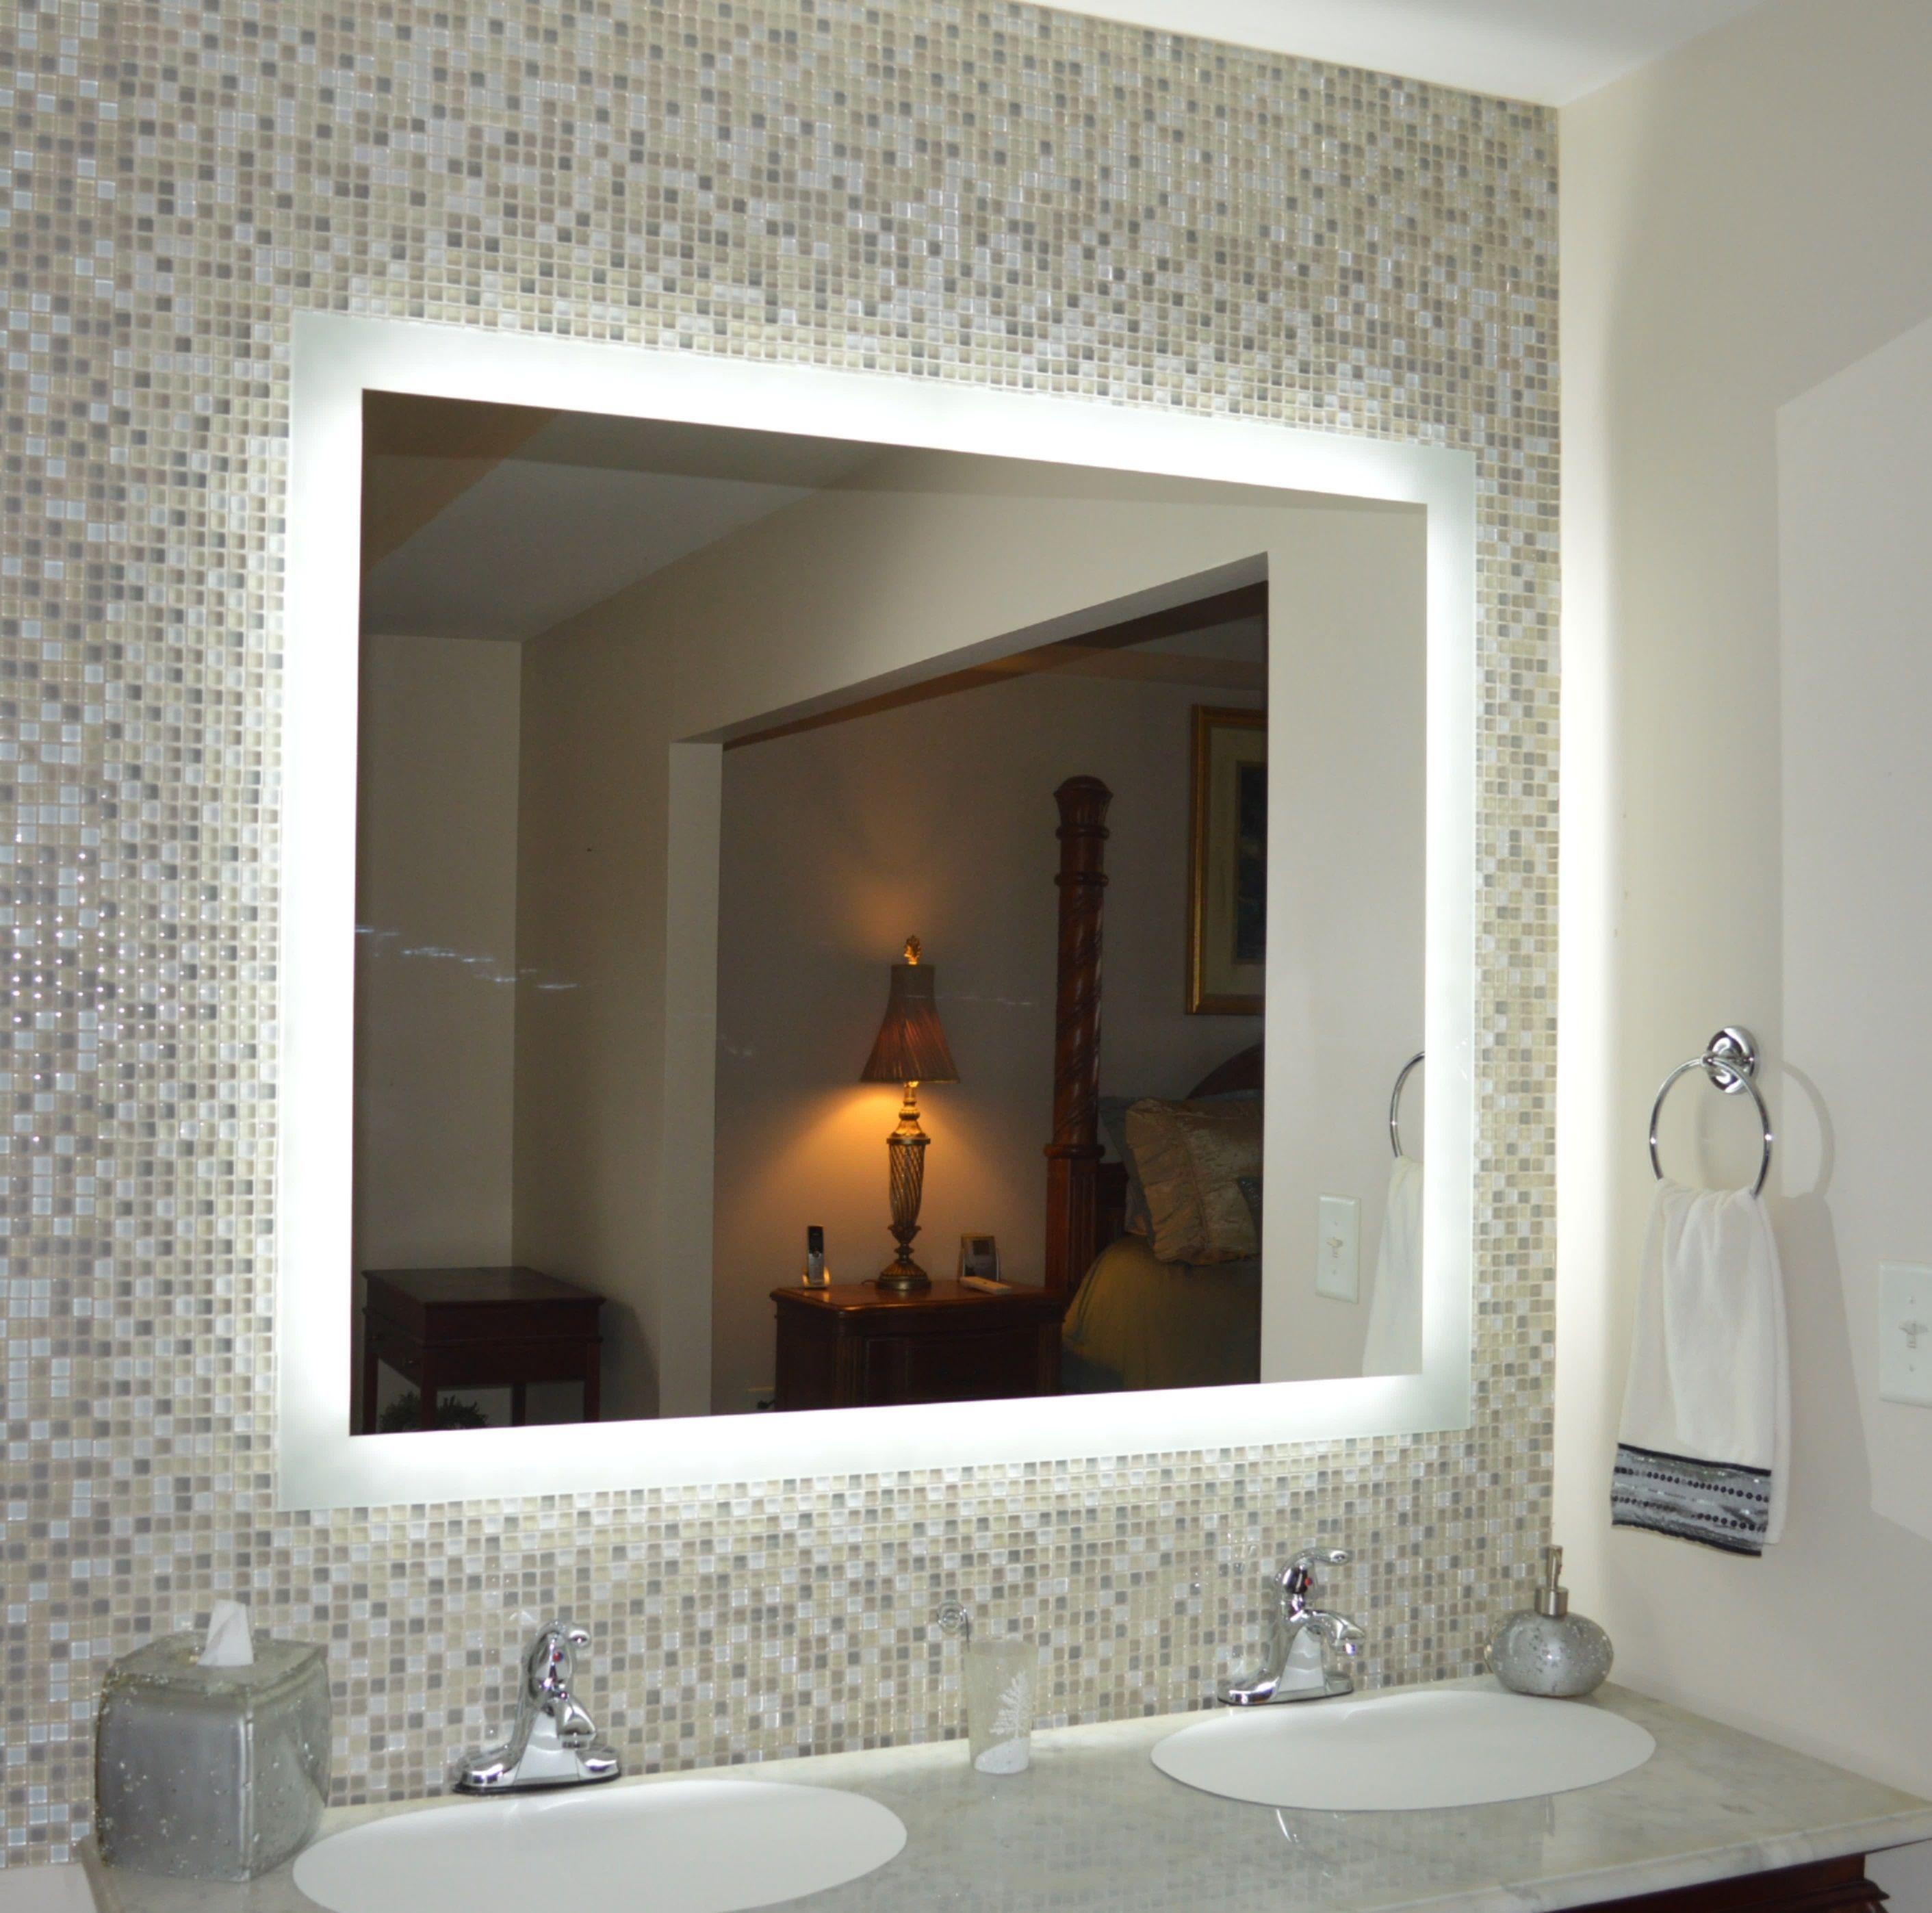 Side Lighted Led Bathroom Vanity Mirror 48 Elegant Bathroom Bathroom Mirror Design Led Mirror Bathroom